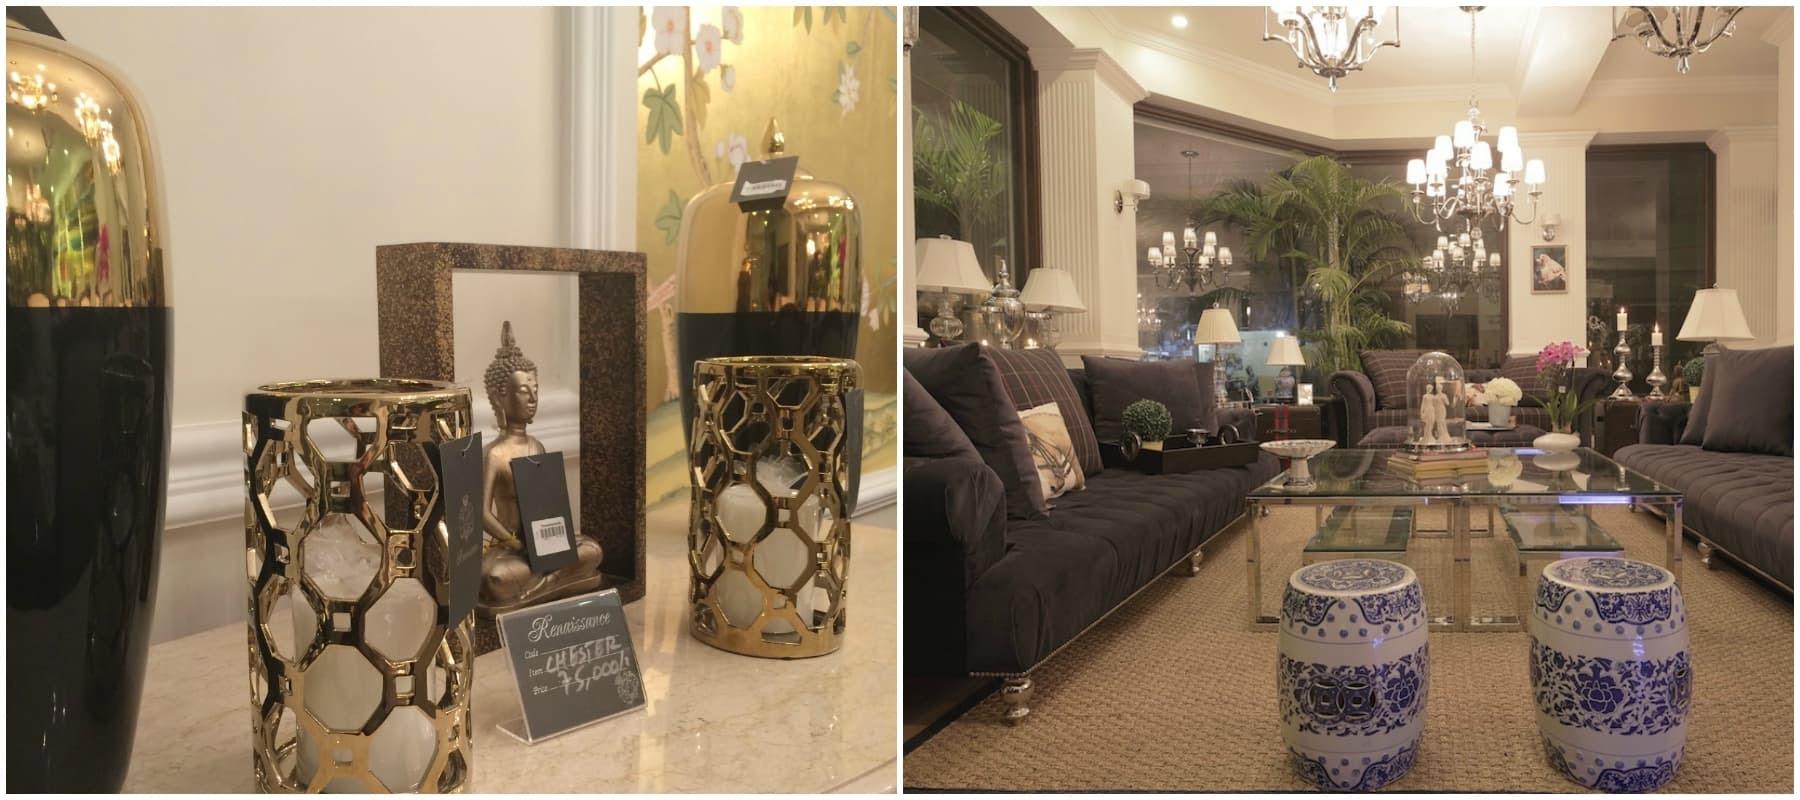 Best Home Decor Shop Online